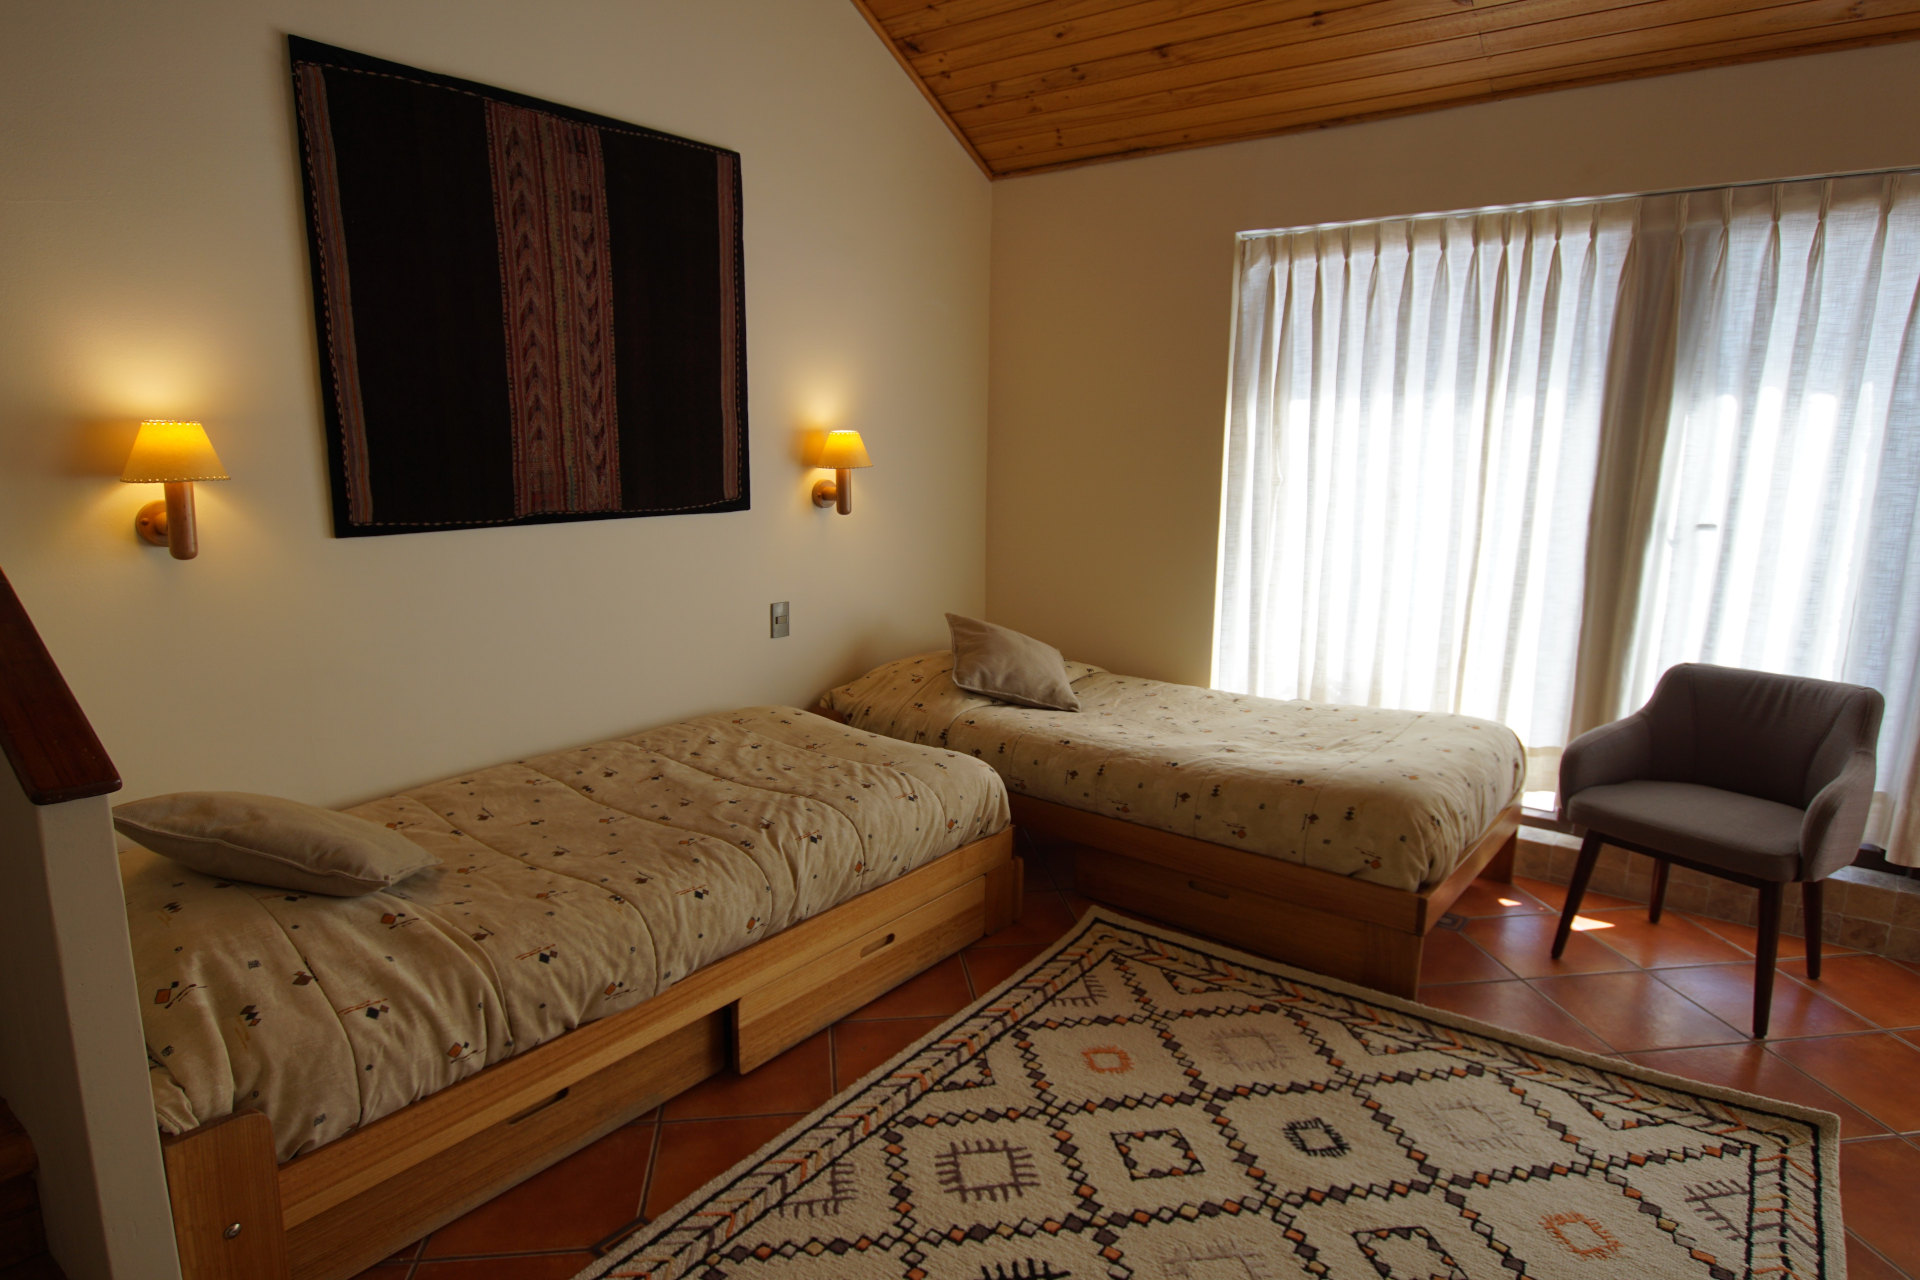 Sala con dos camas - Departamento Tipo B 223